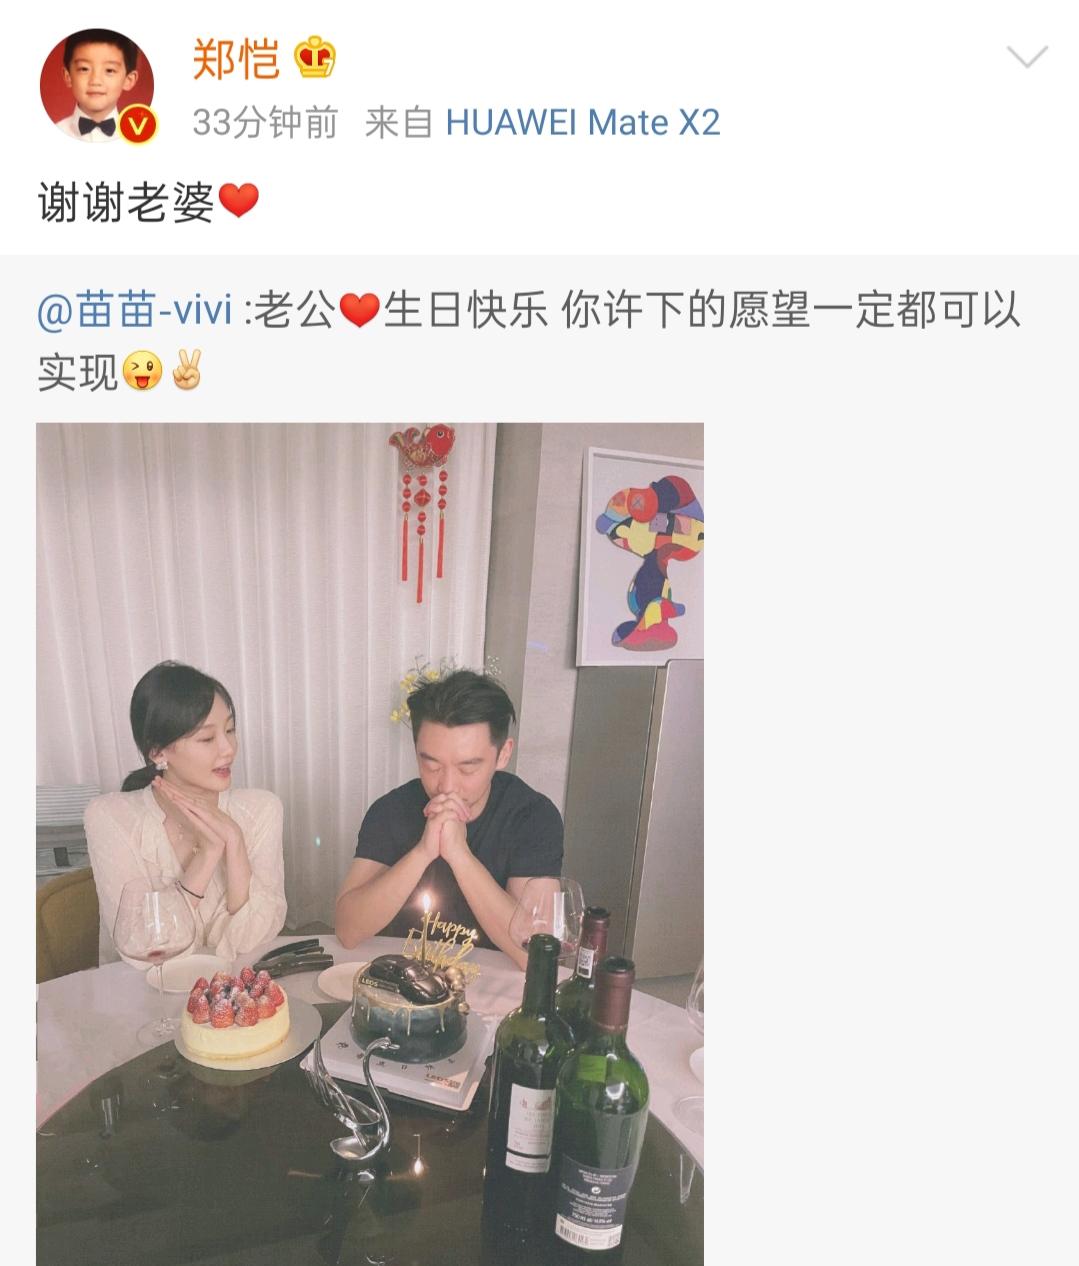 郑恺透露今年办婚礼 自曝女儿小名是小酸奶